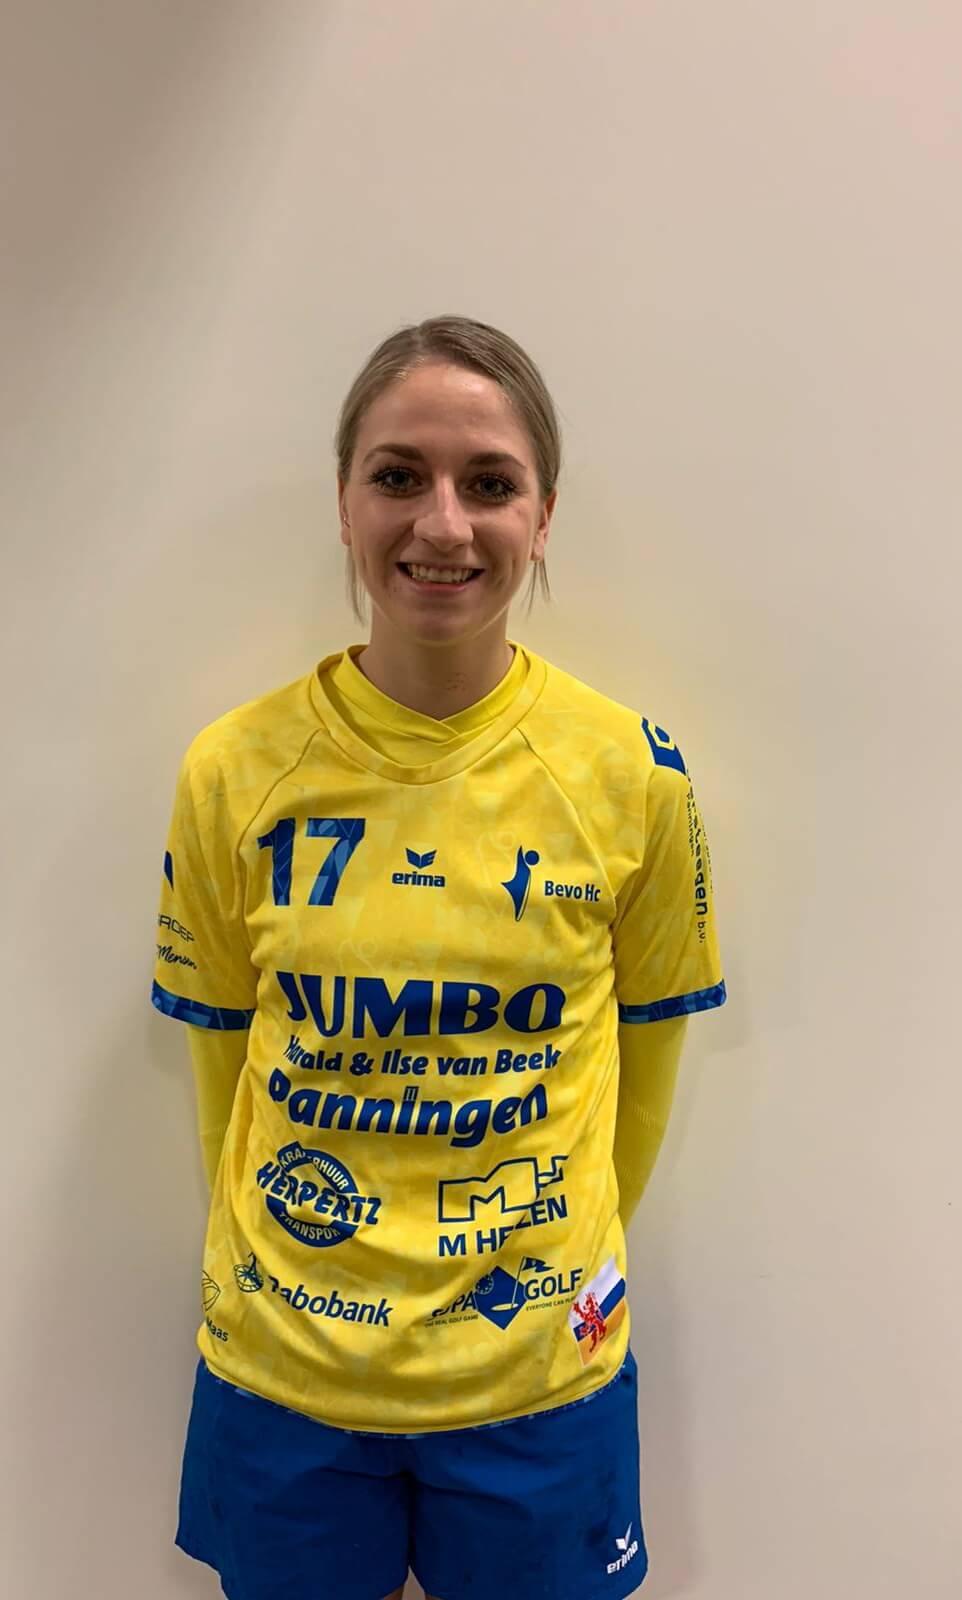 Marissa Janssen